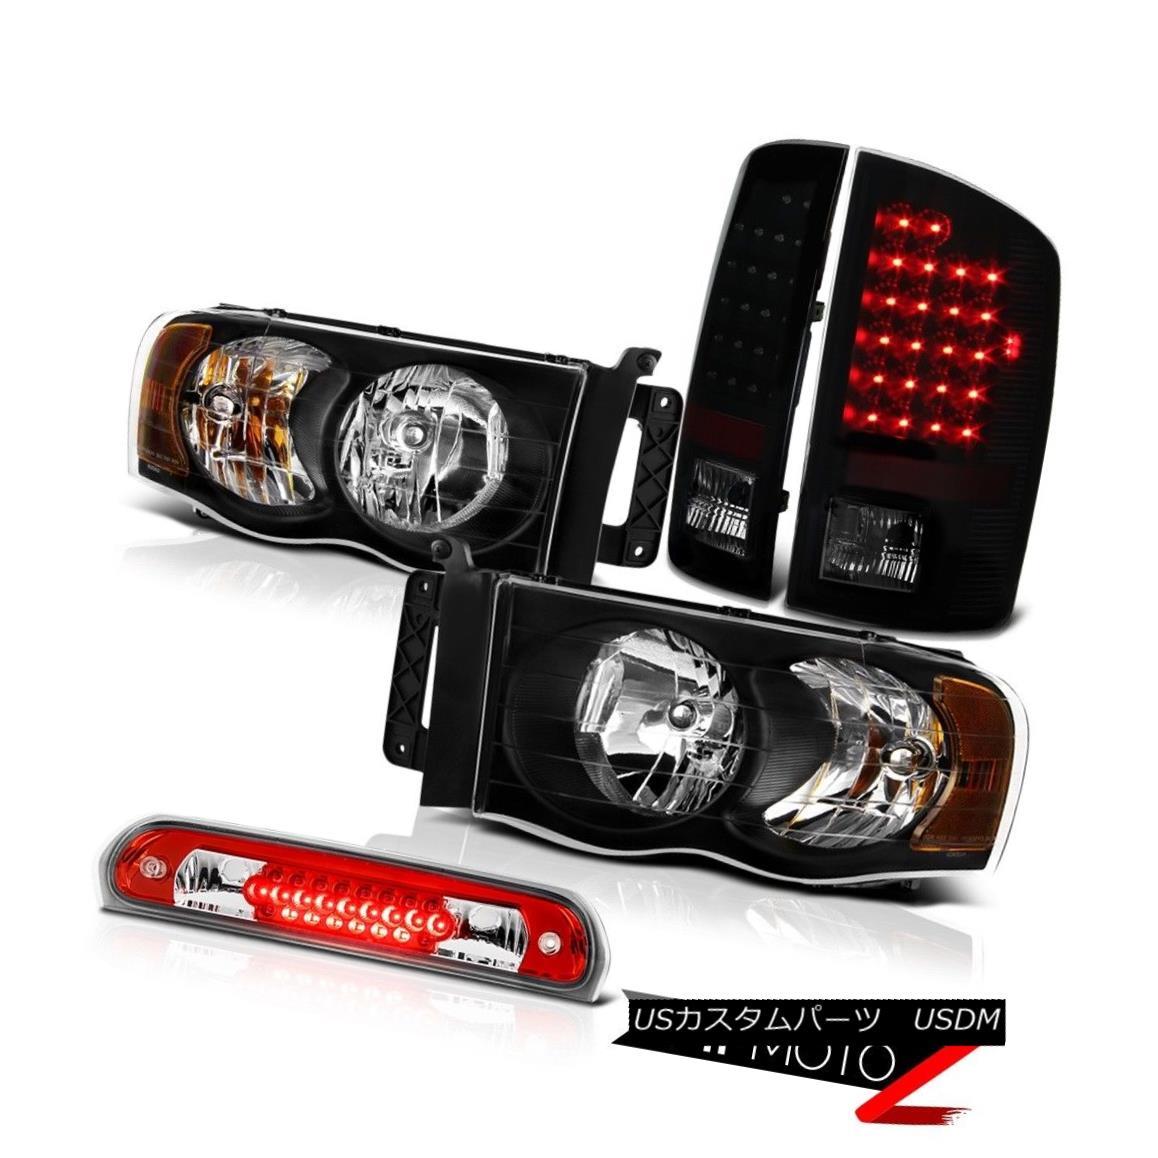 テールライト Jet Black Headlights LED Tail Lights Lamps High Stop 02 03 04 05 Ram Magnum V8 ジェットブラックヘッドライトLEDテールライトランプハイストップ02 03 04 05ラムマグナムV8